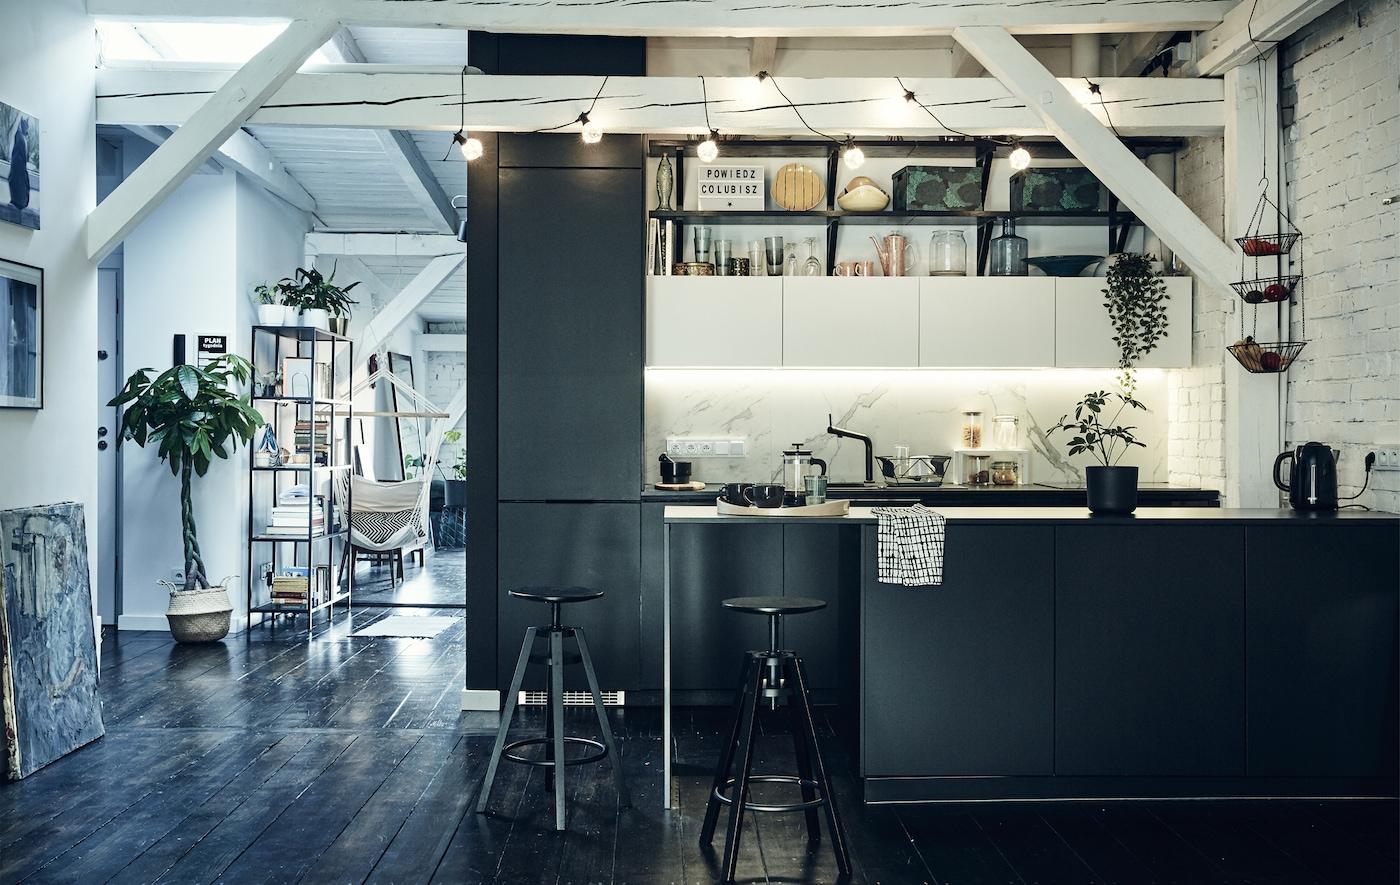 O bucătărie neagră într-un spațiu deschis cu raze albe pe tavan și podele de lemn închis la culoare.